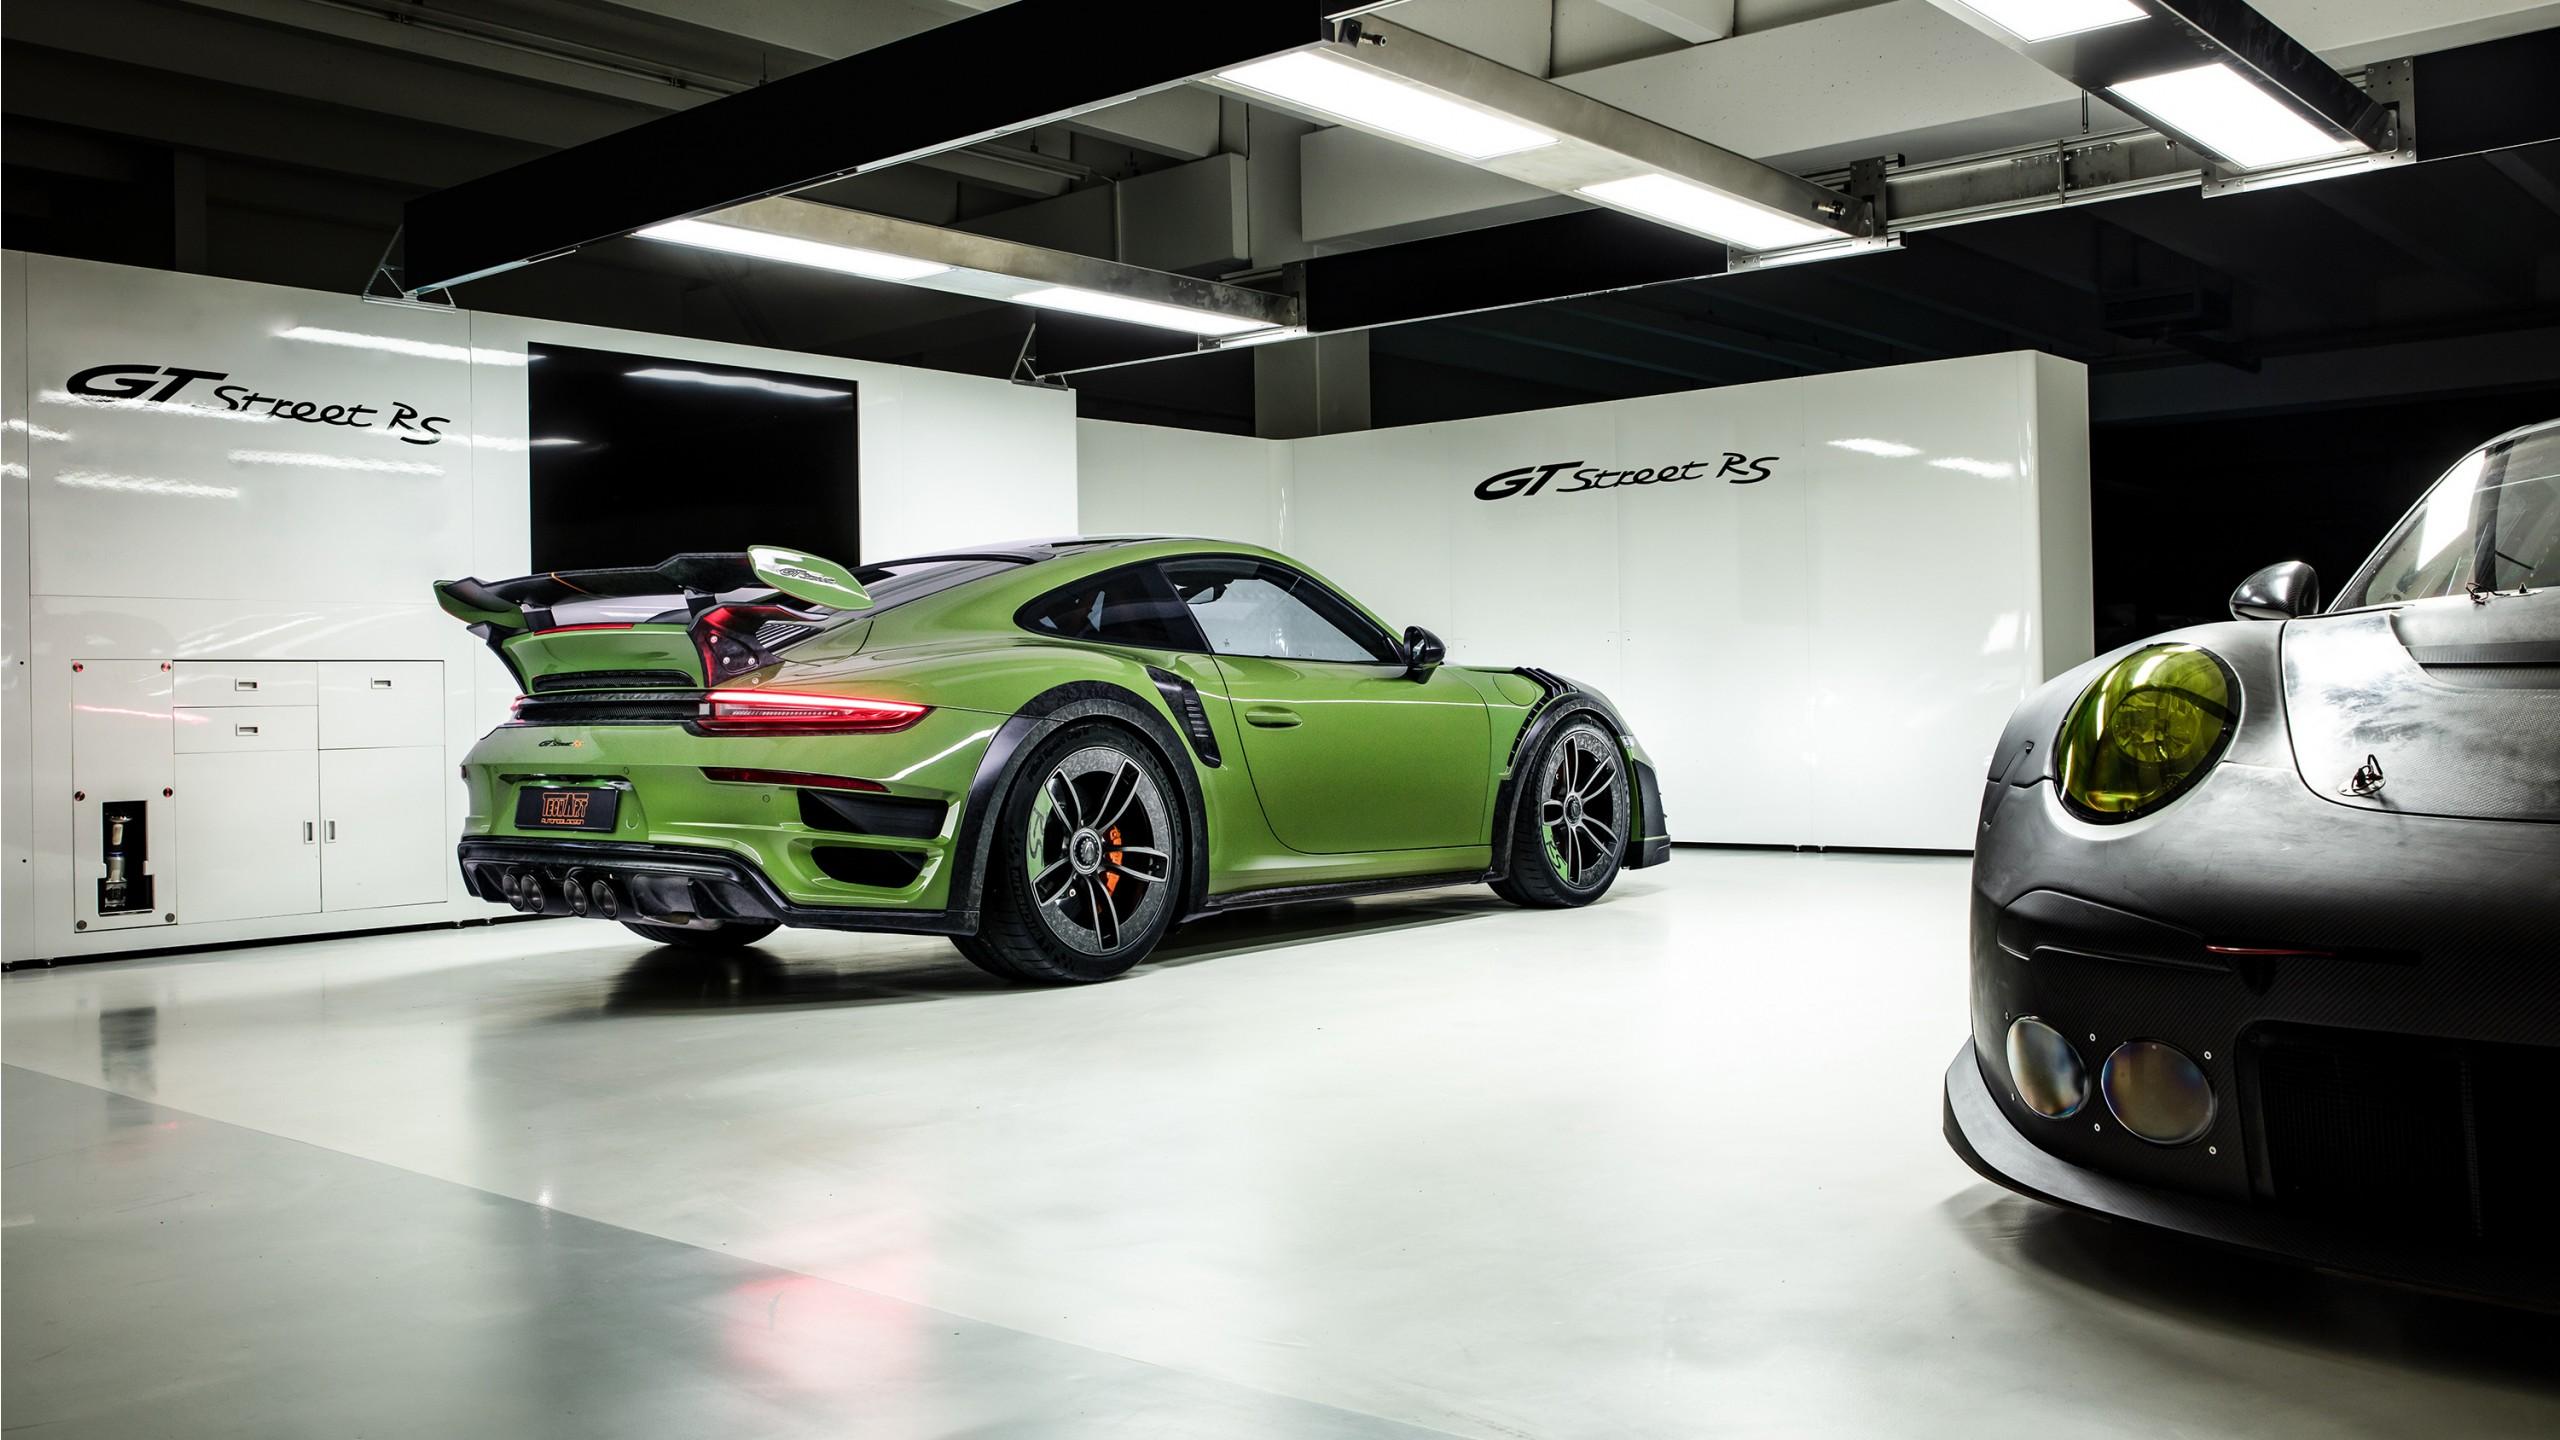 Techart Porsche 911 Turbo Gt Street Rs 2019 2 Wallpaper